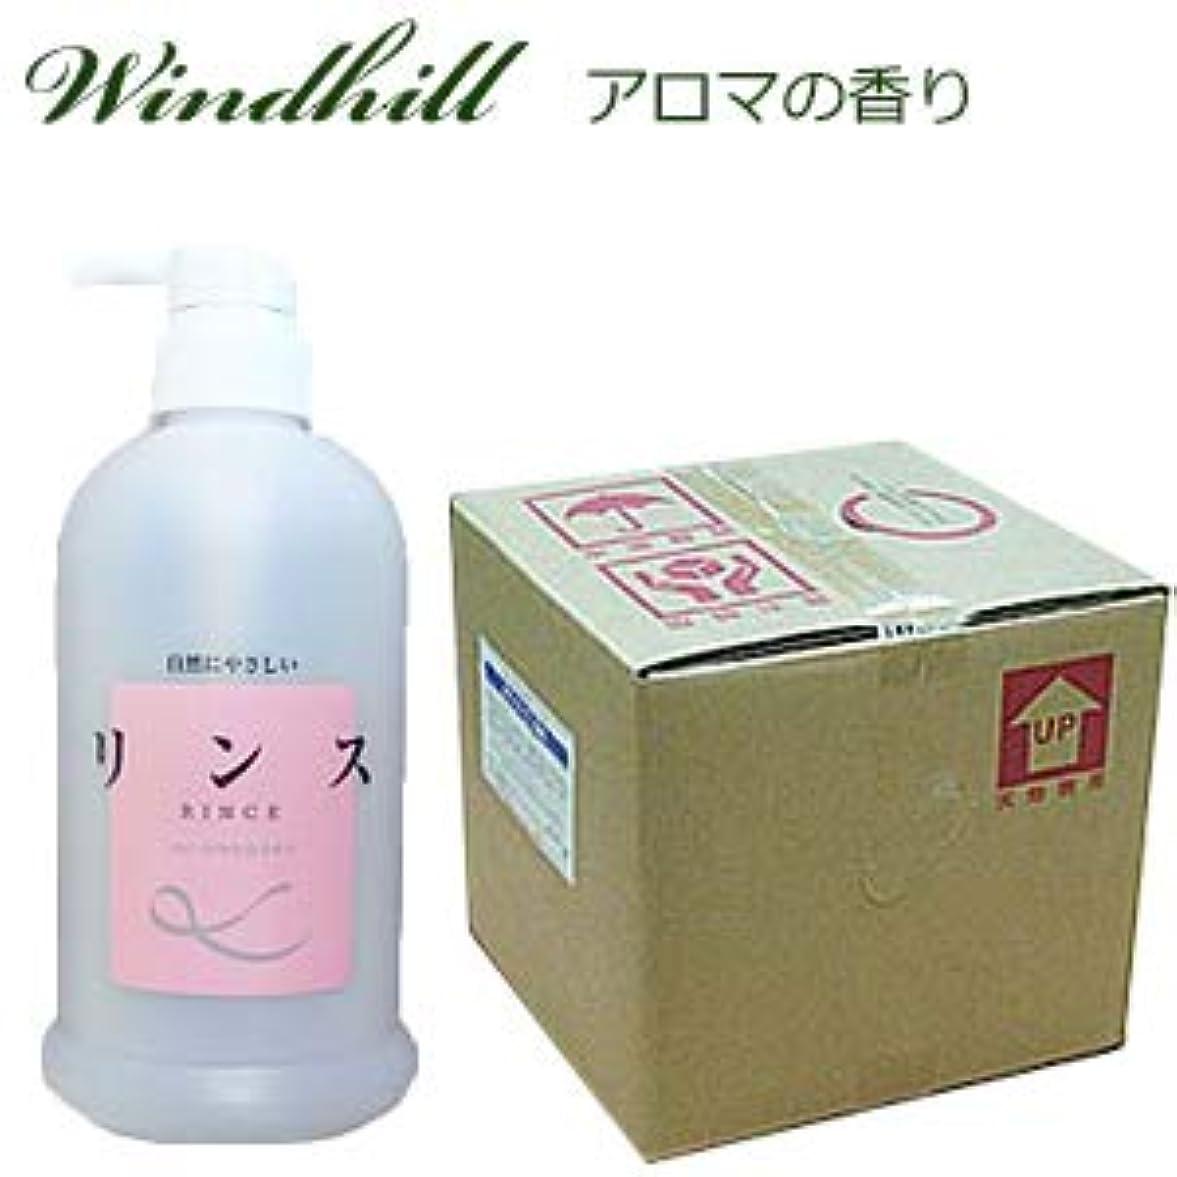 どっち付録スポットなんと! 500ml当り188円 Windhill 植物性業務用 リンス 紅茶を思うアロマの香り 20L